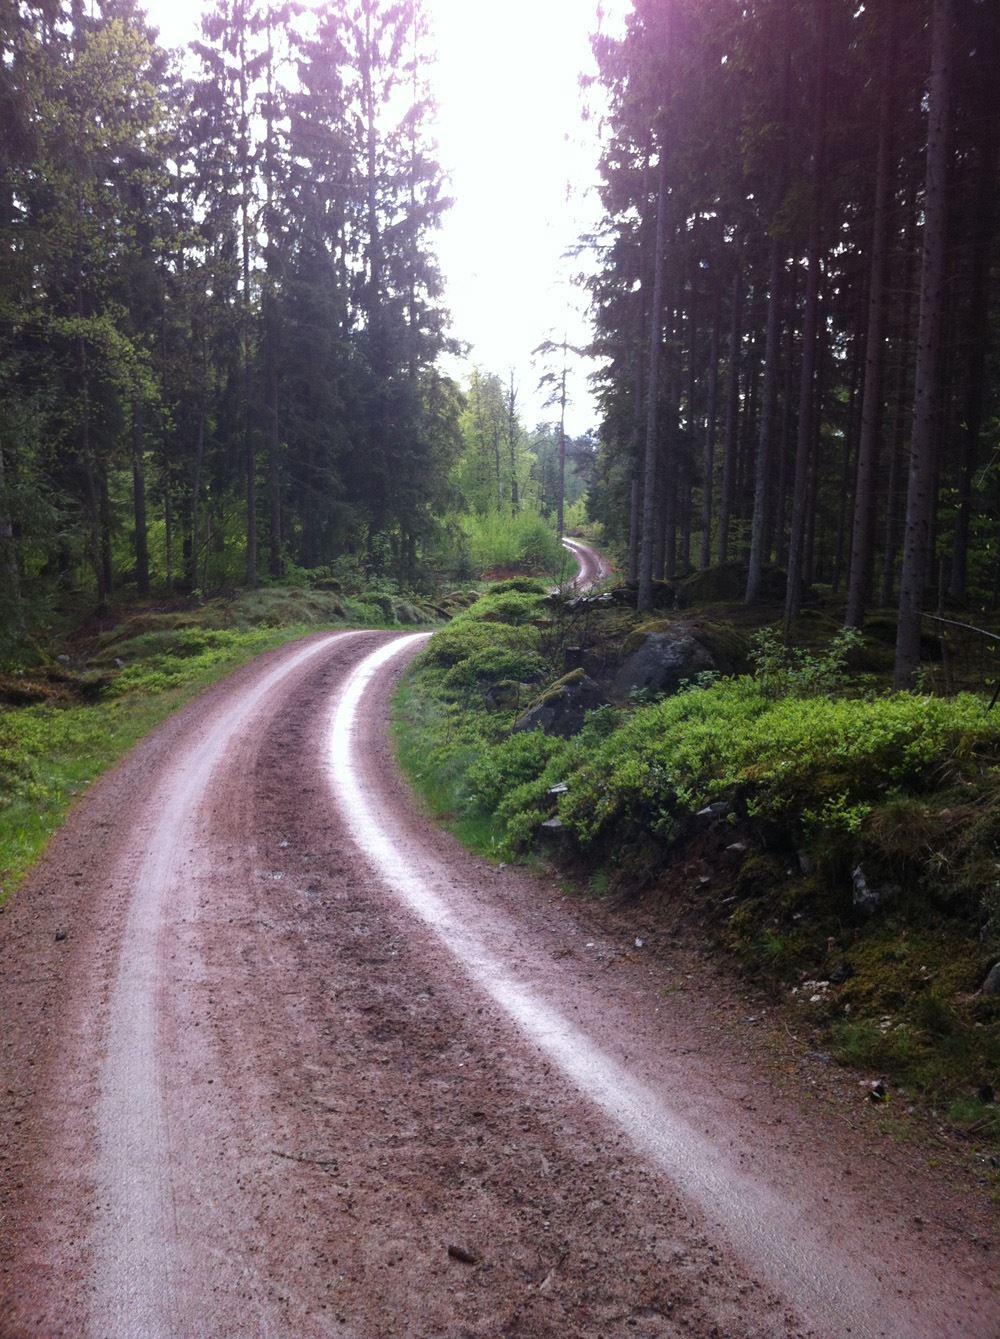 foto: Ylva Malm Ekvall